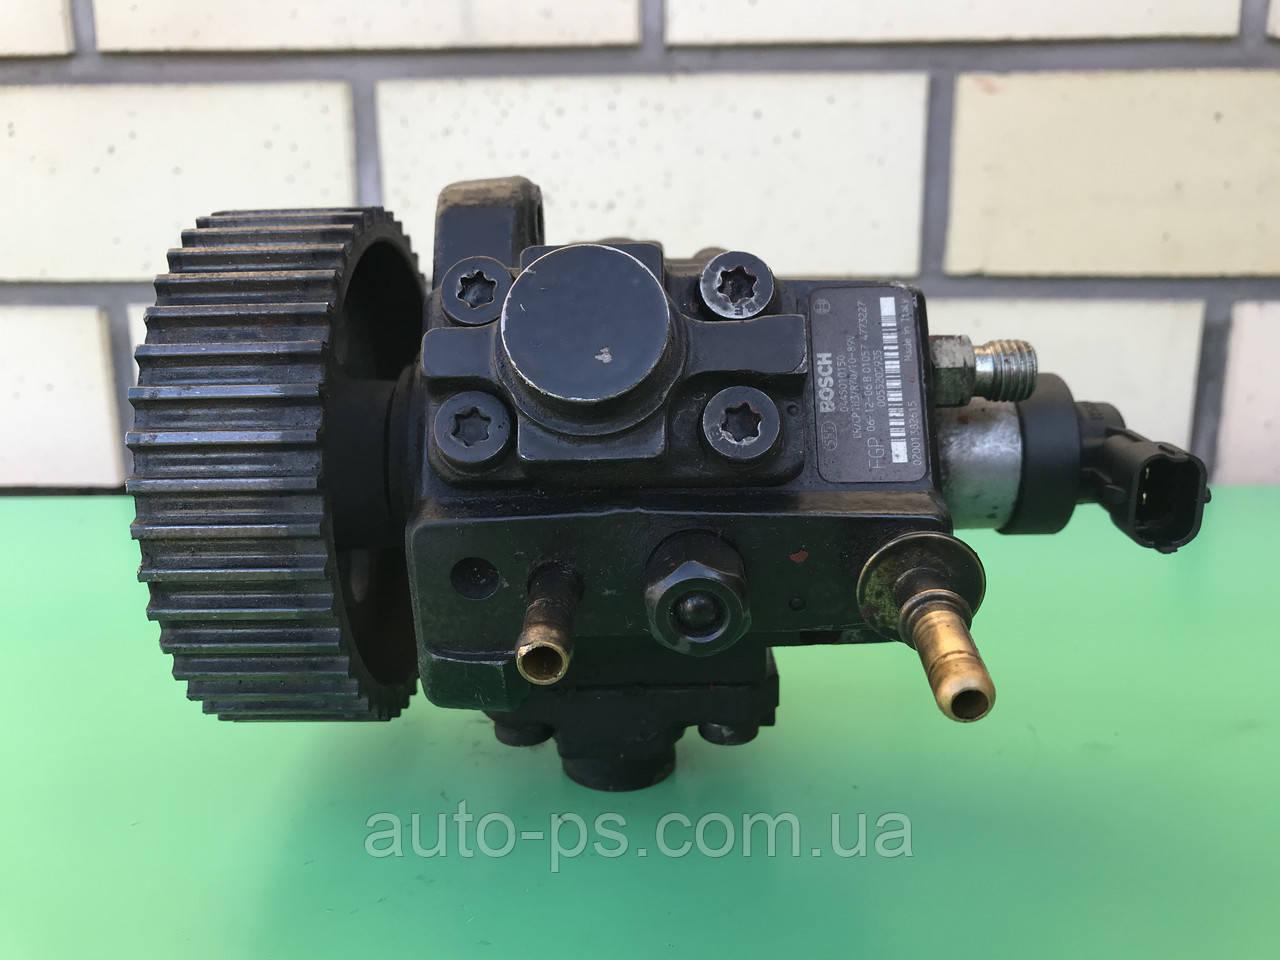 Топливный насос высокого давления (ТНВД) Fiat Grande Punto 1.9D Multijet